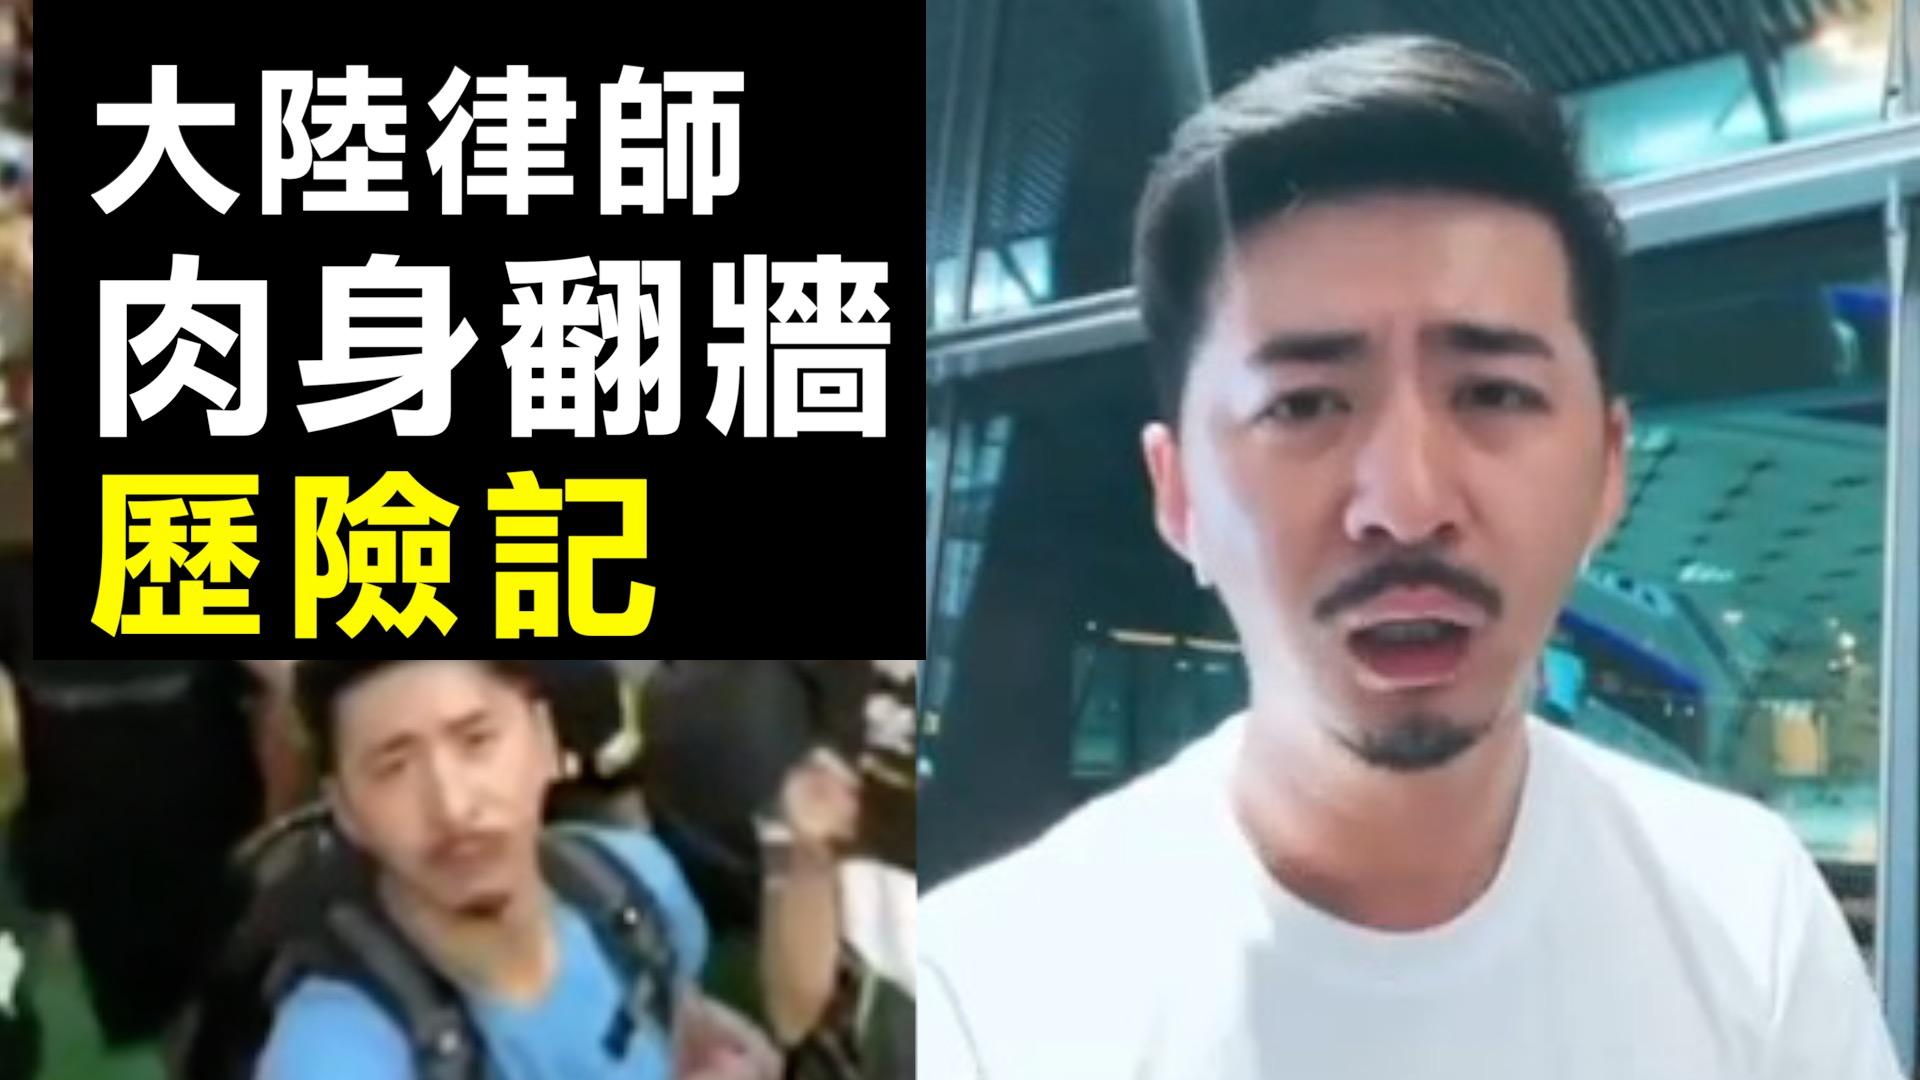 陳秋實談反送中精彩片段!他親身到香港看真相,錄自媒體發微博,遭當局施壓回國,人身安全堪憂。(新唐人)